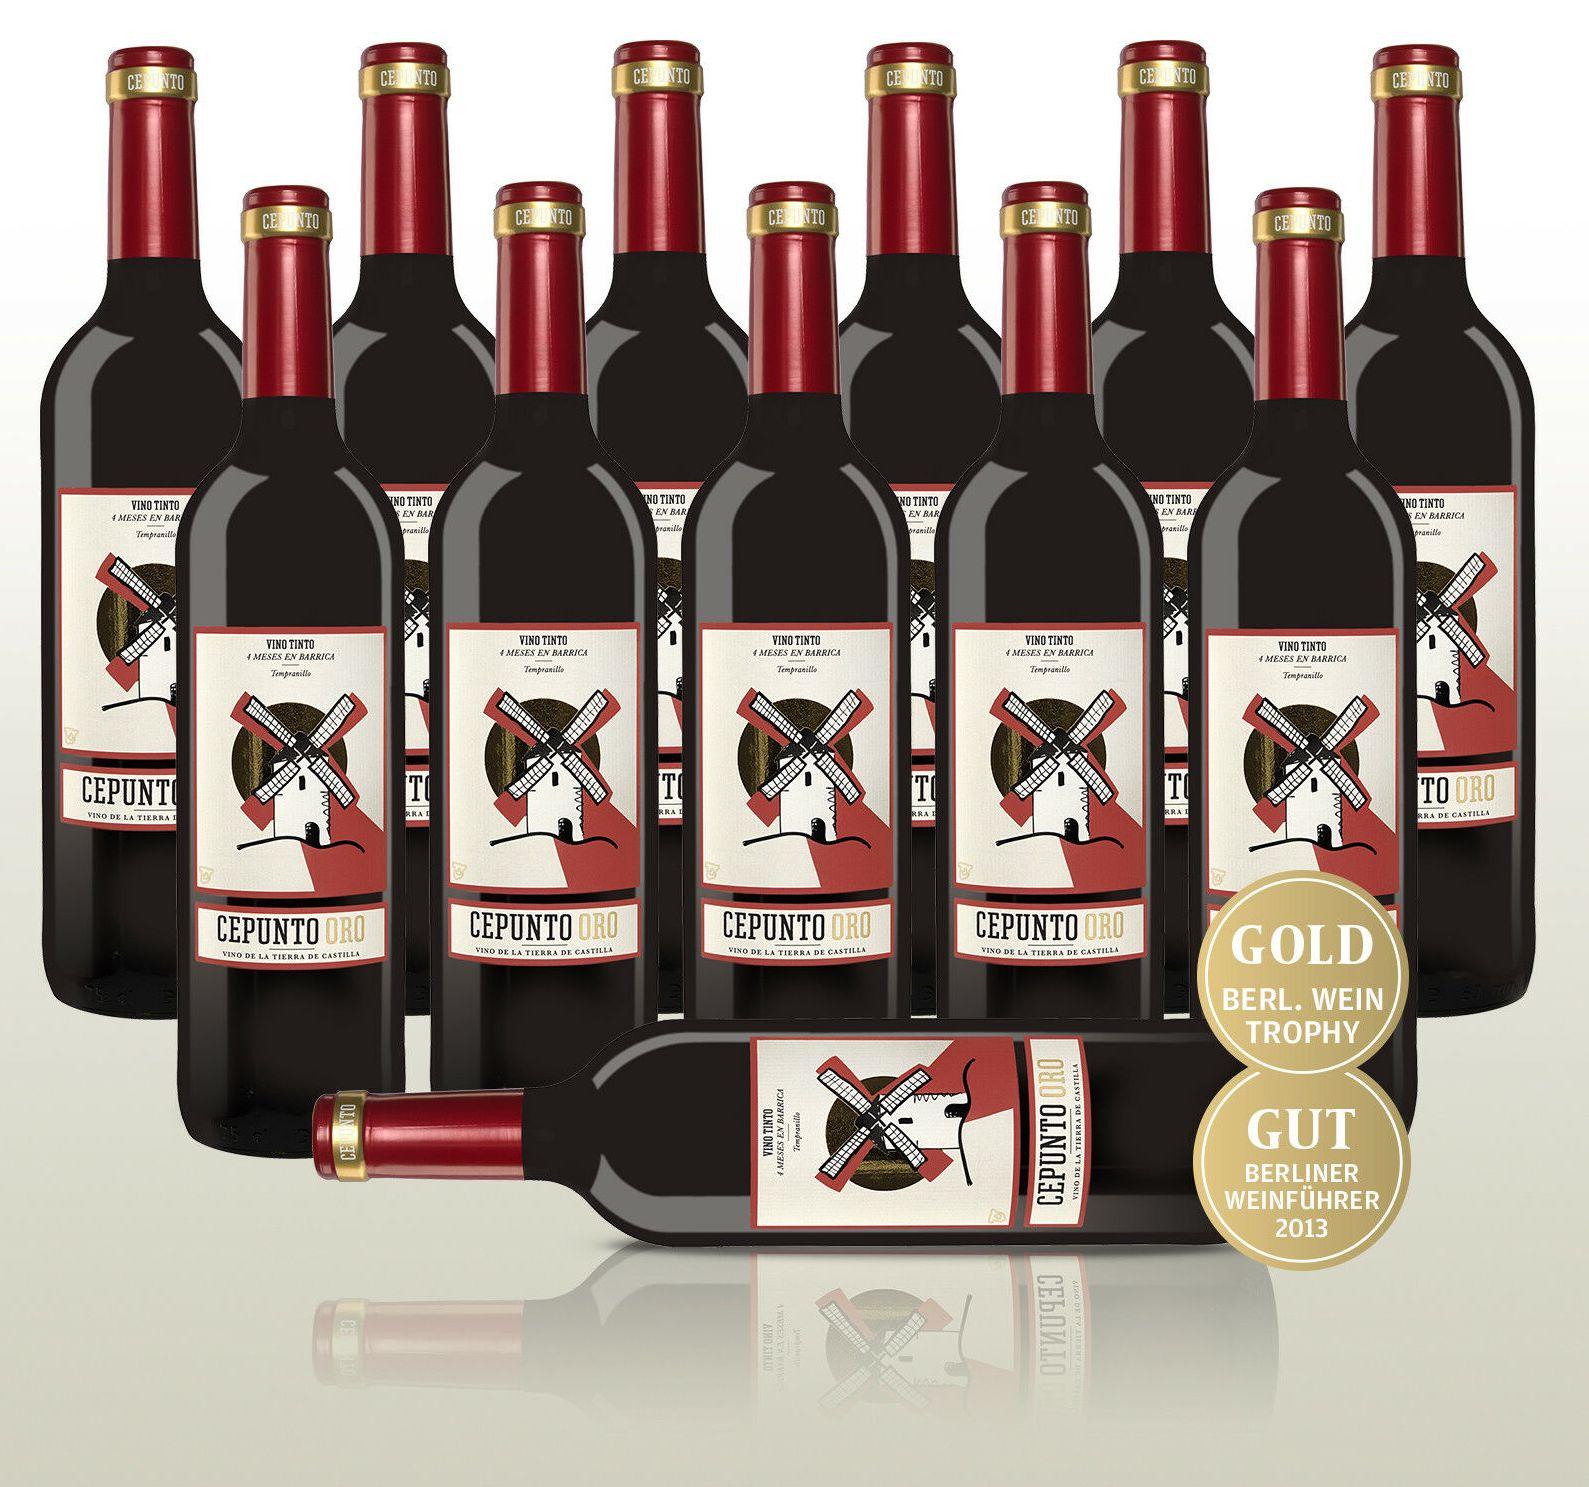 Ebay: Zwölferpaket goldprämierter Rotwein für 35,90 Euro frei Haus